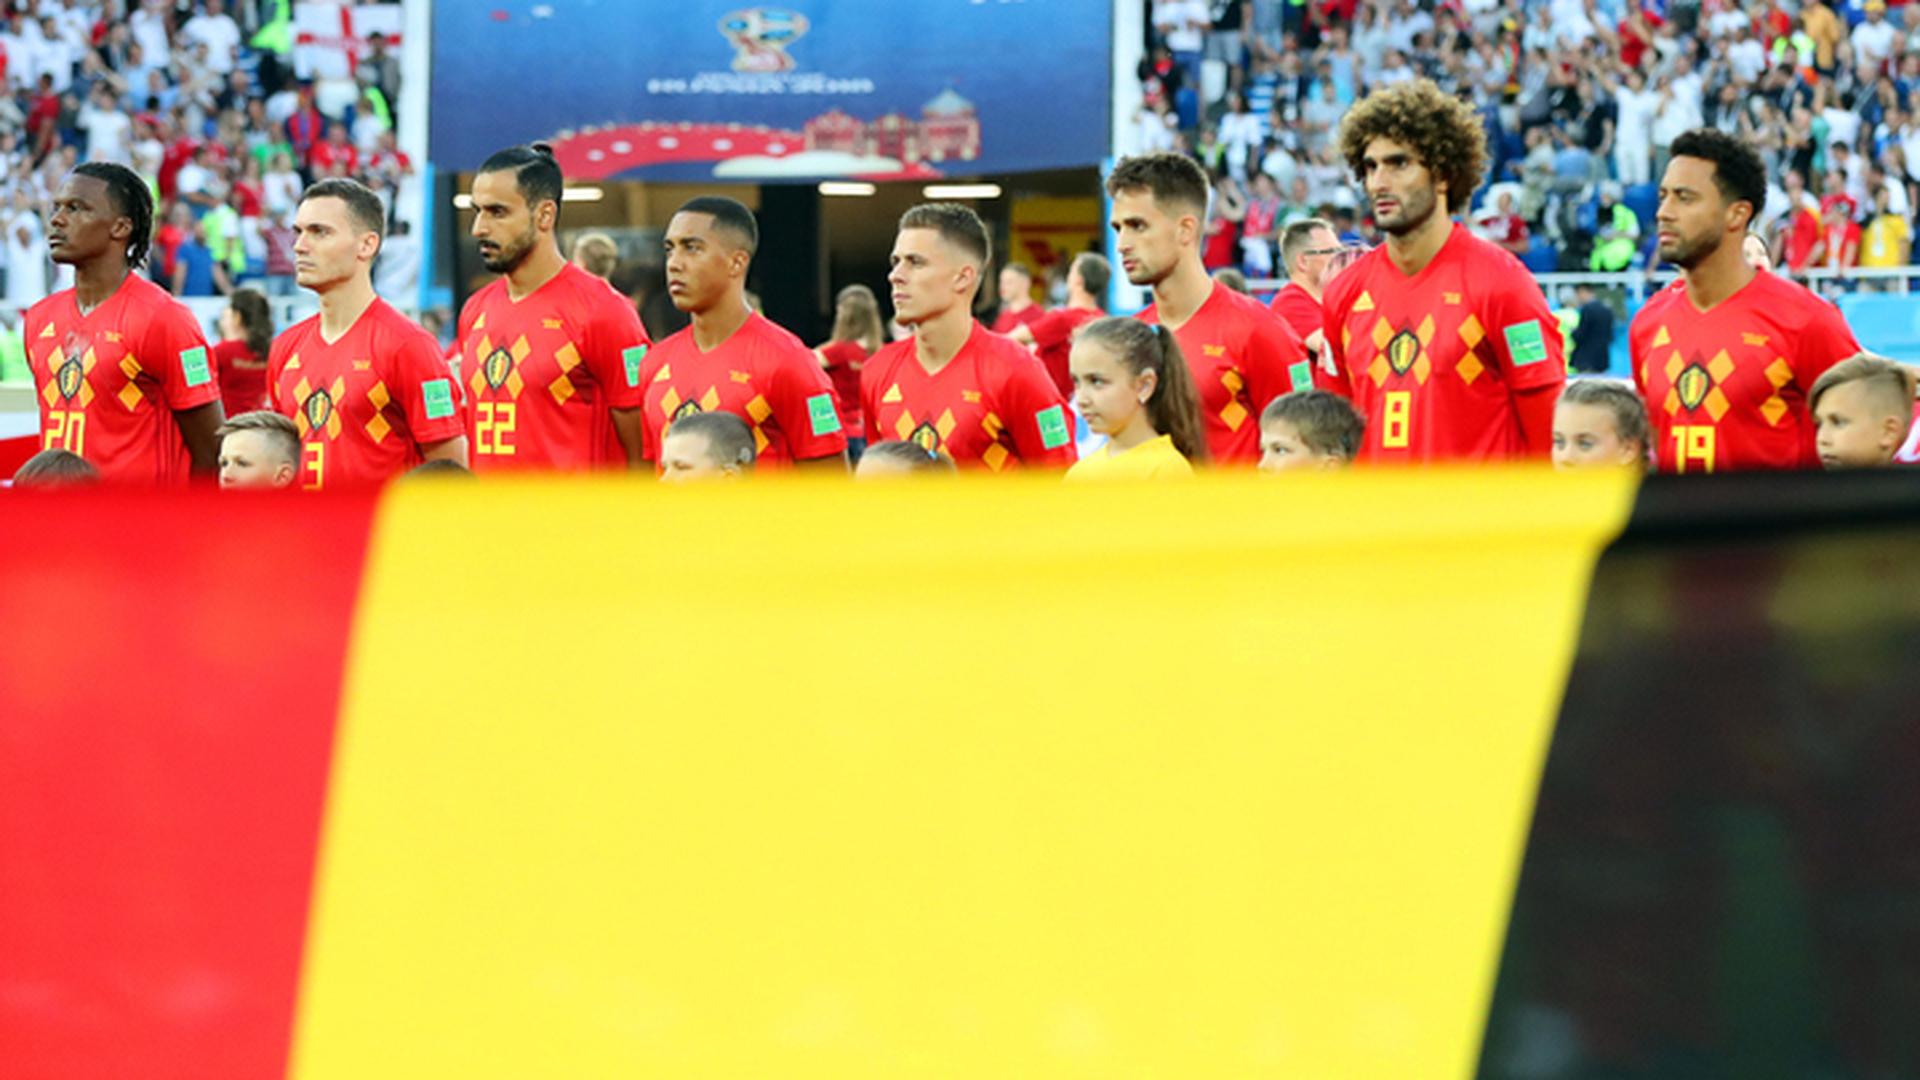 В Санкт-Петербурге определится первый финалист чемпионата мира